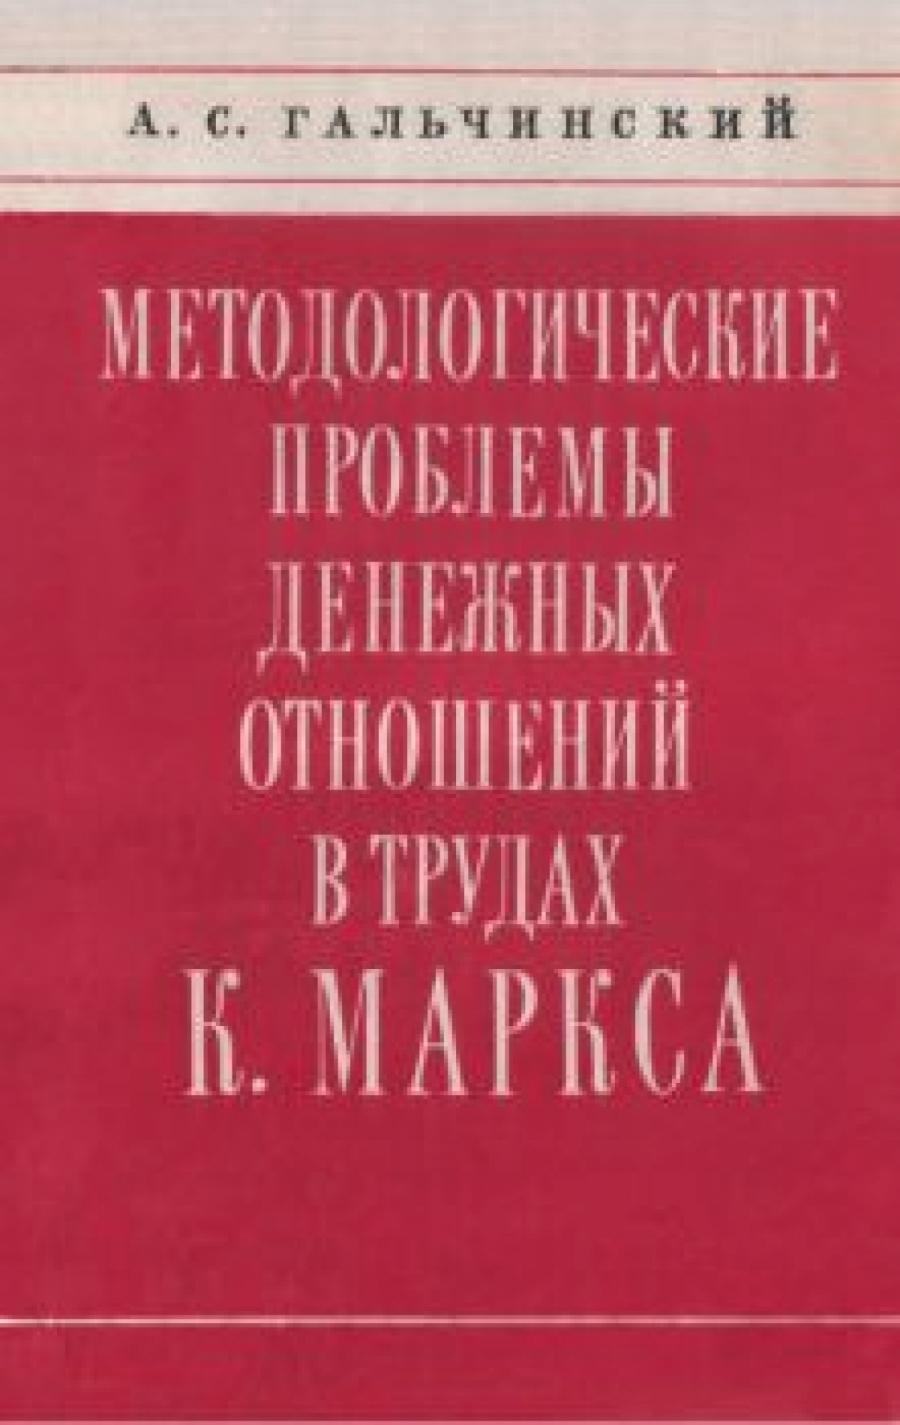 Обложка книги:  гальчинский а. с. - методологические проблемы денежных отношений в трудах к. маркса